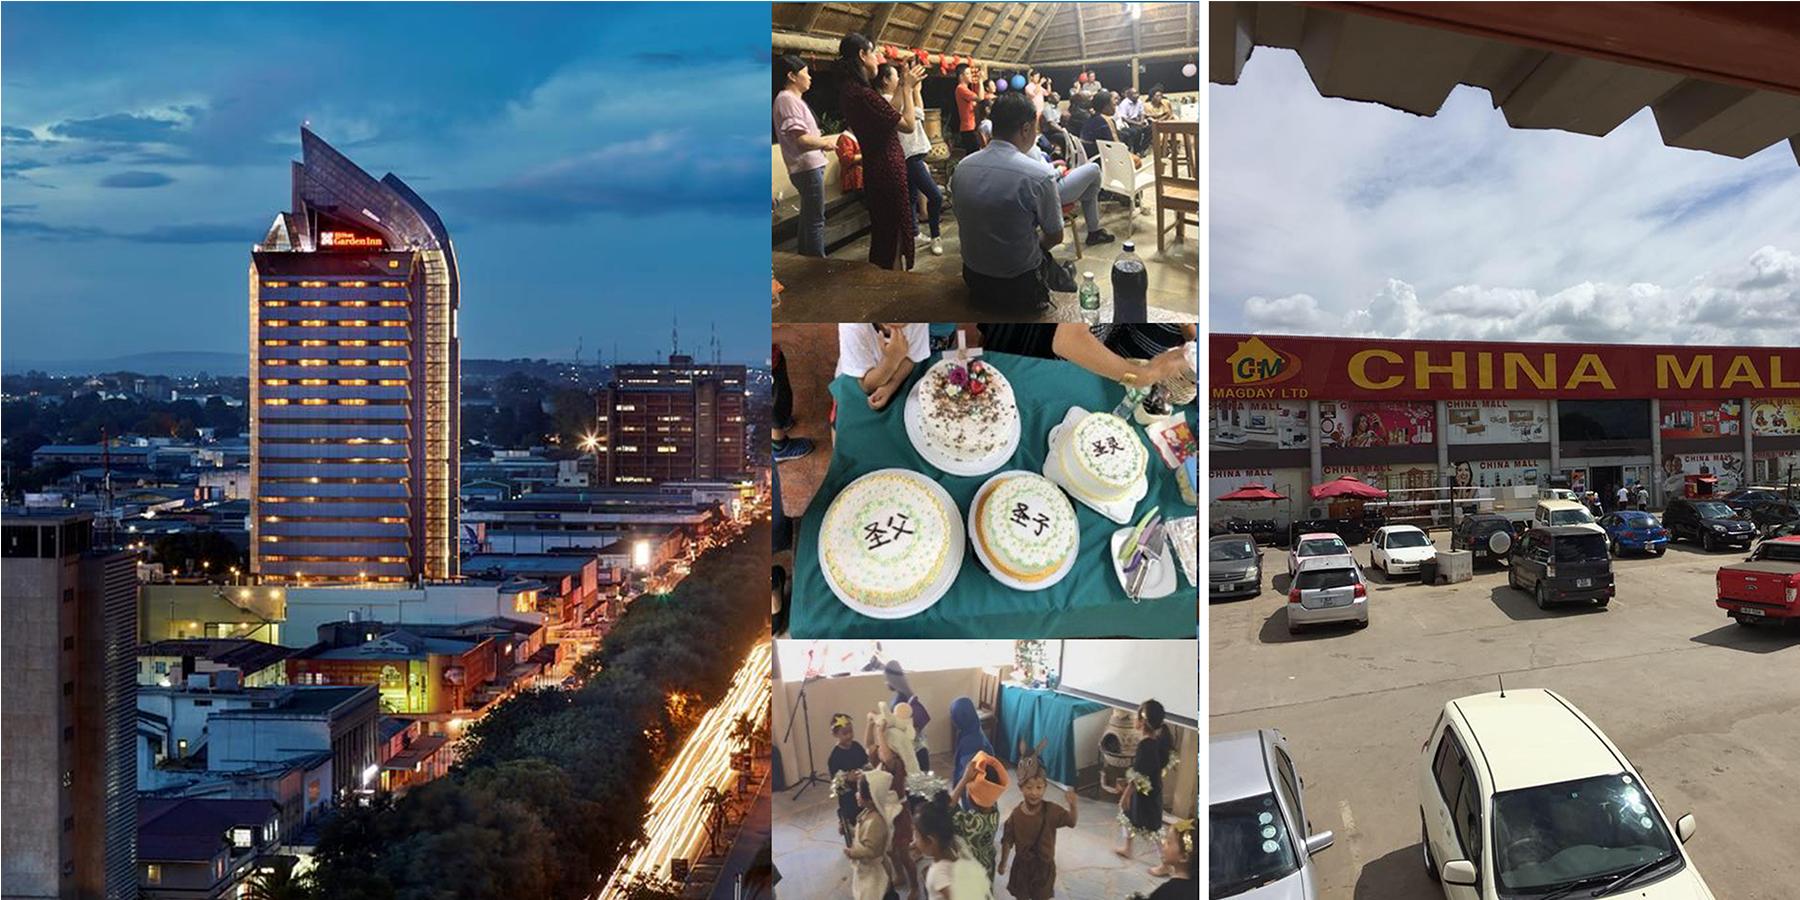 (卢萨卡是非洲南部发展最快的城市之一。来自中国的投资使整个赞比亚的购物中心蓬勃发展。)